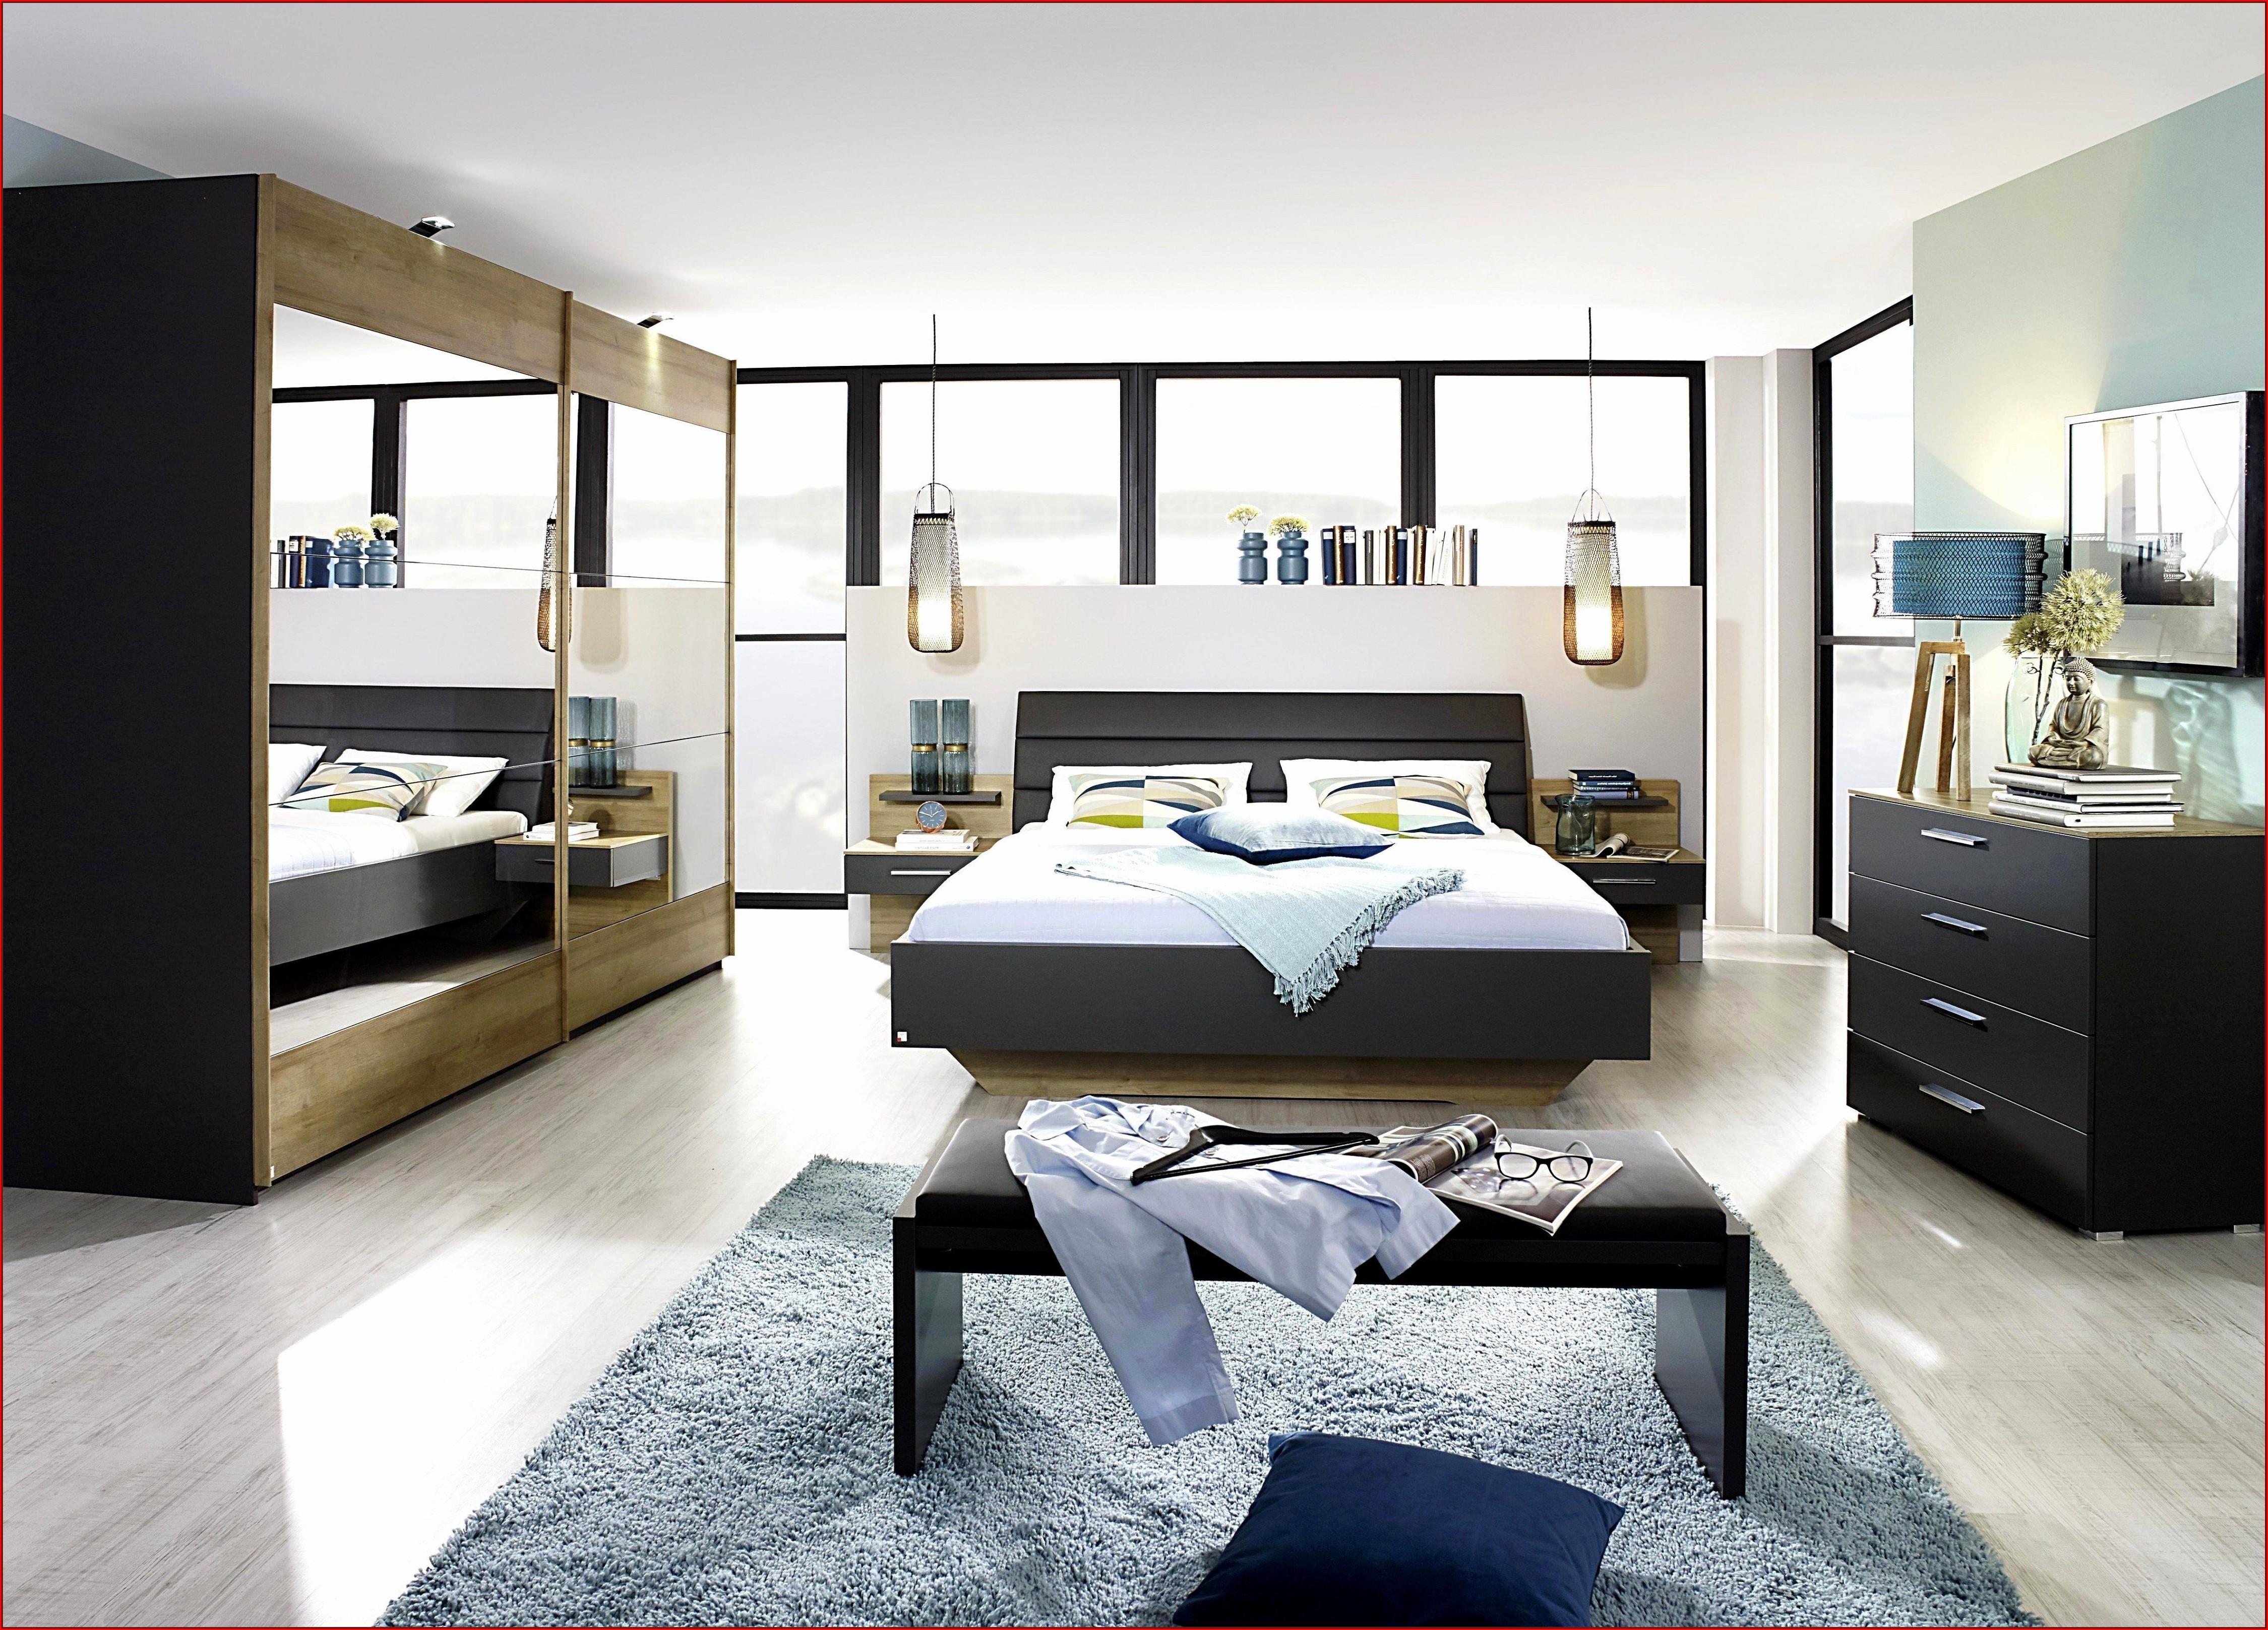 Schlafzimmer Ideen Mit Viel Stauraum